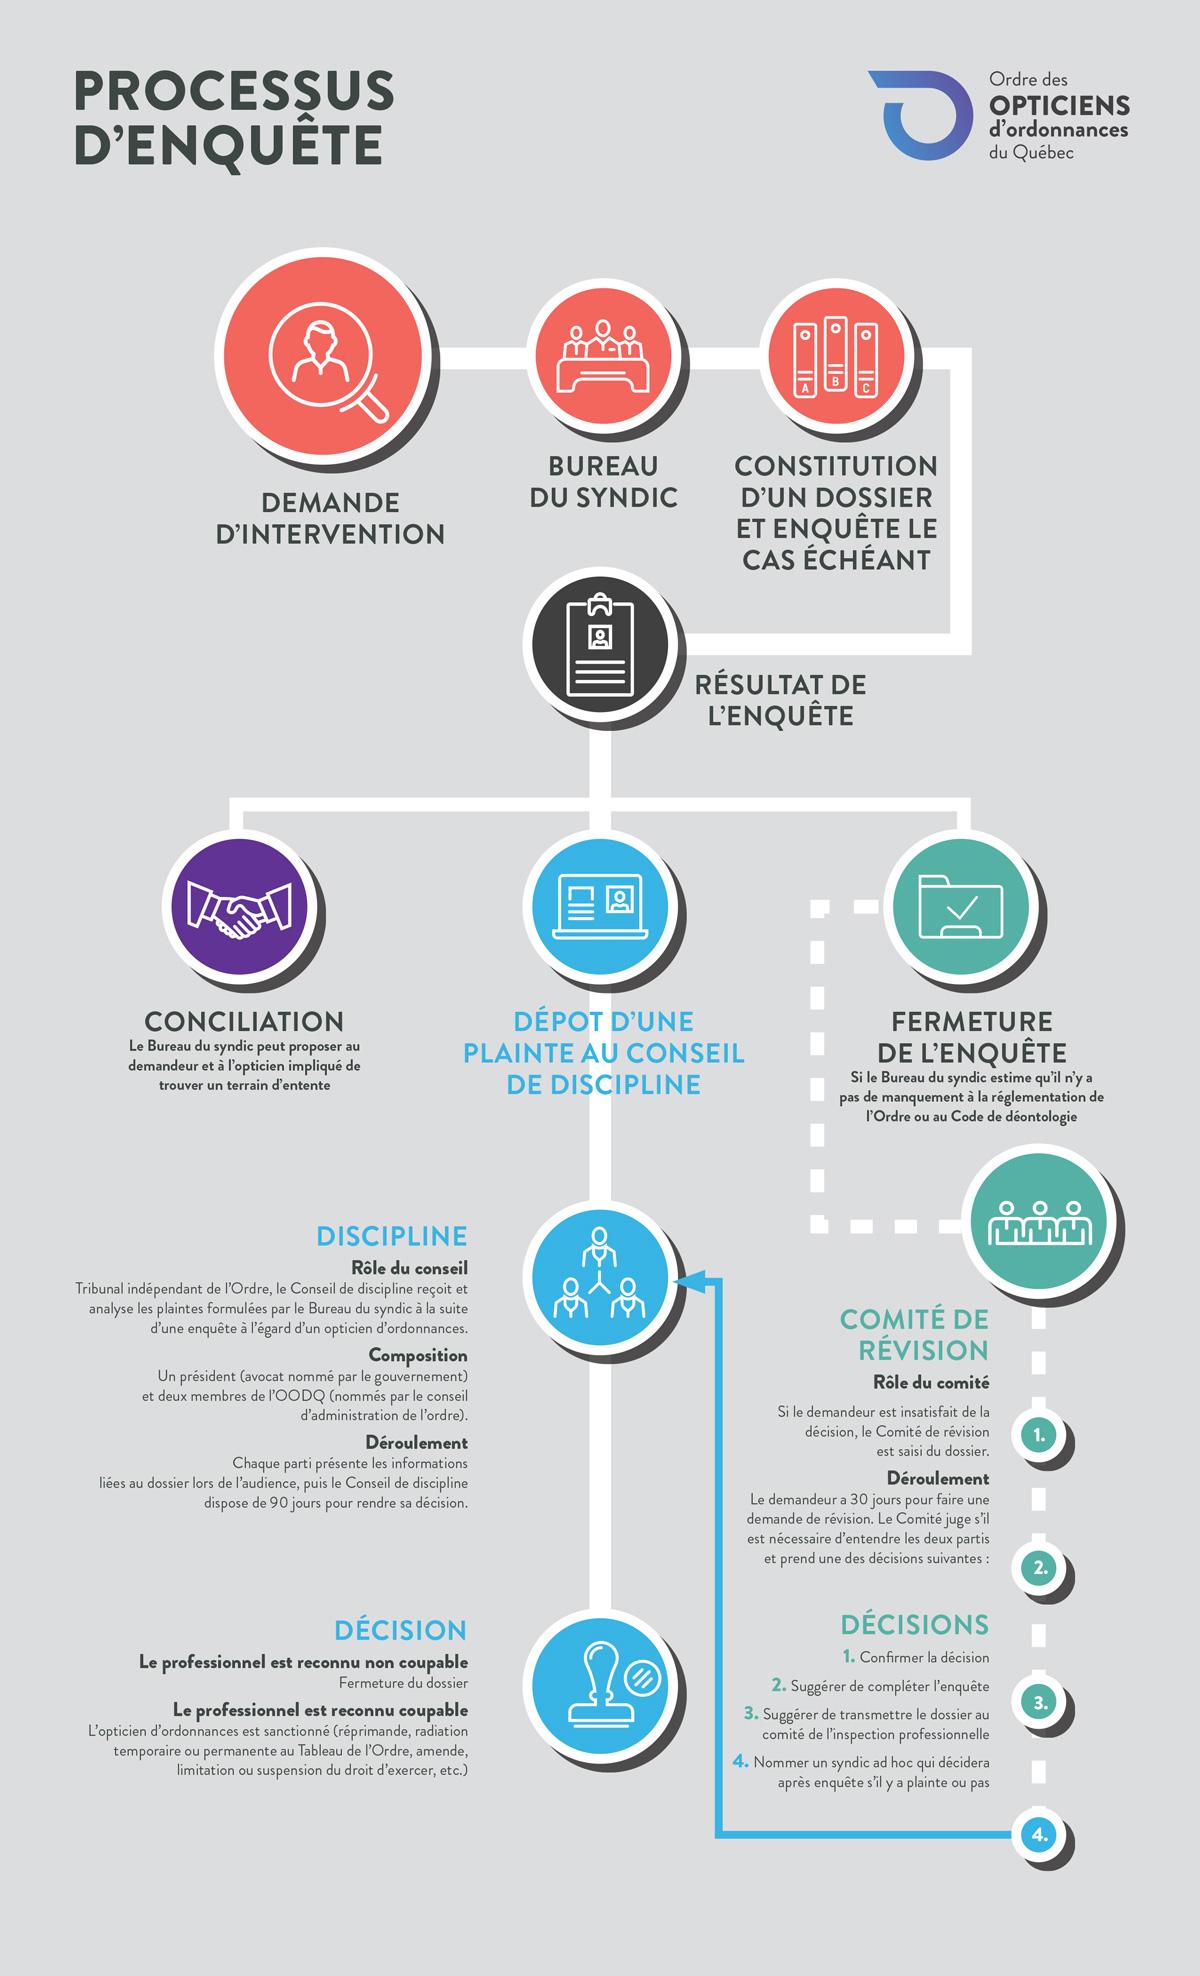 Schéma du processus d'enquête de l'Ordre des opticiens d'ordonnances du Québec